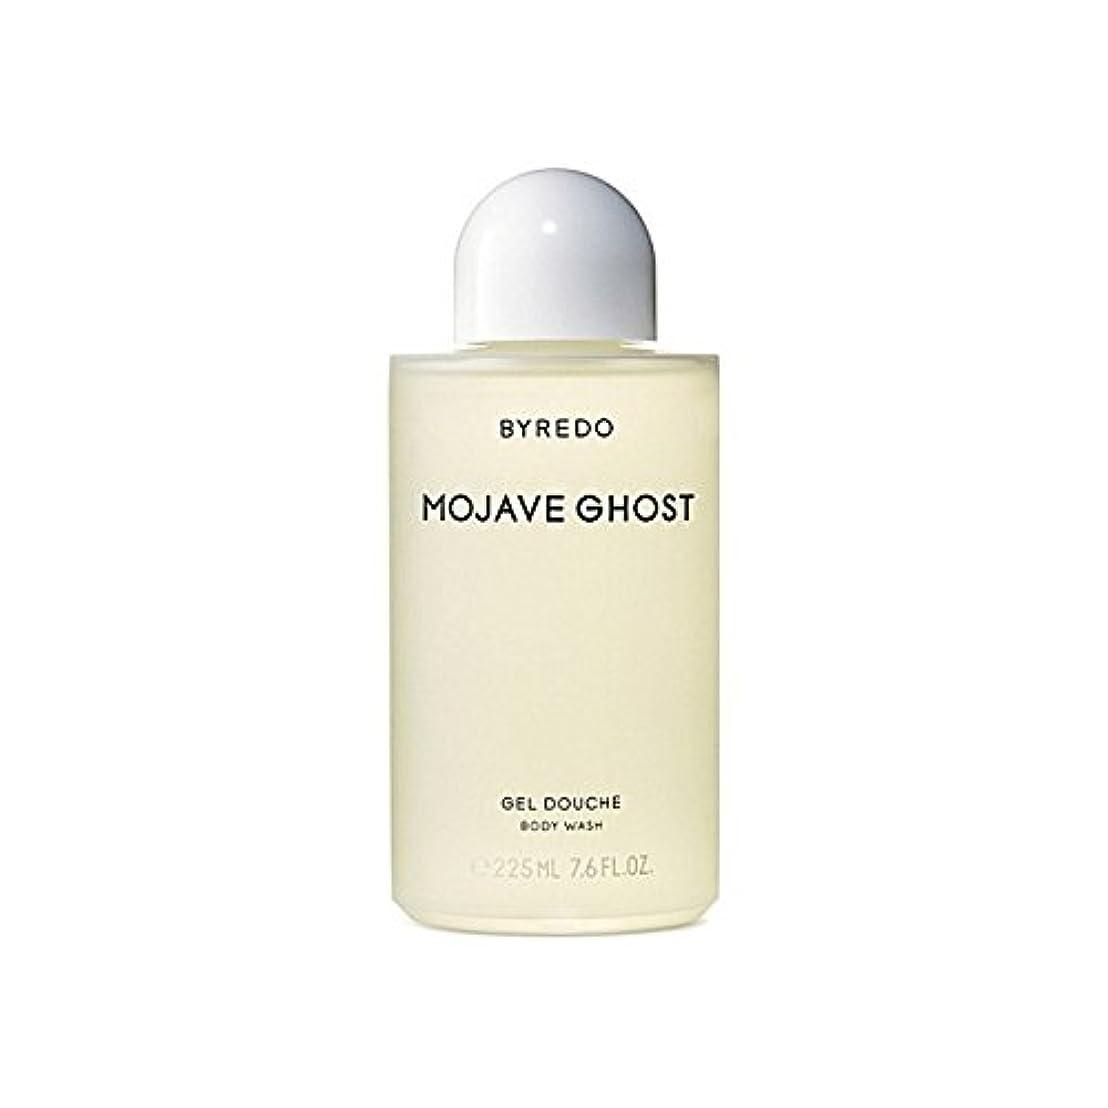 卒業記念アルバム効能あるテメリティByredo Mojave Ghost Body Wash 225ml - モハーベゴーストボディウォッシュ225ミリリットル [並行輸入品]